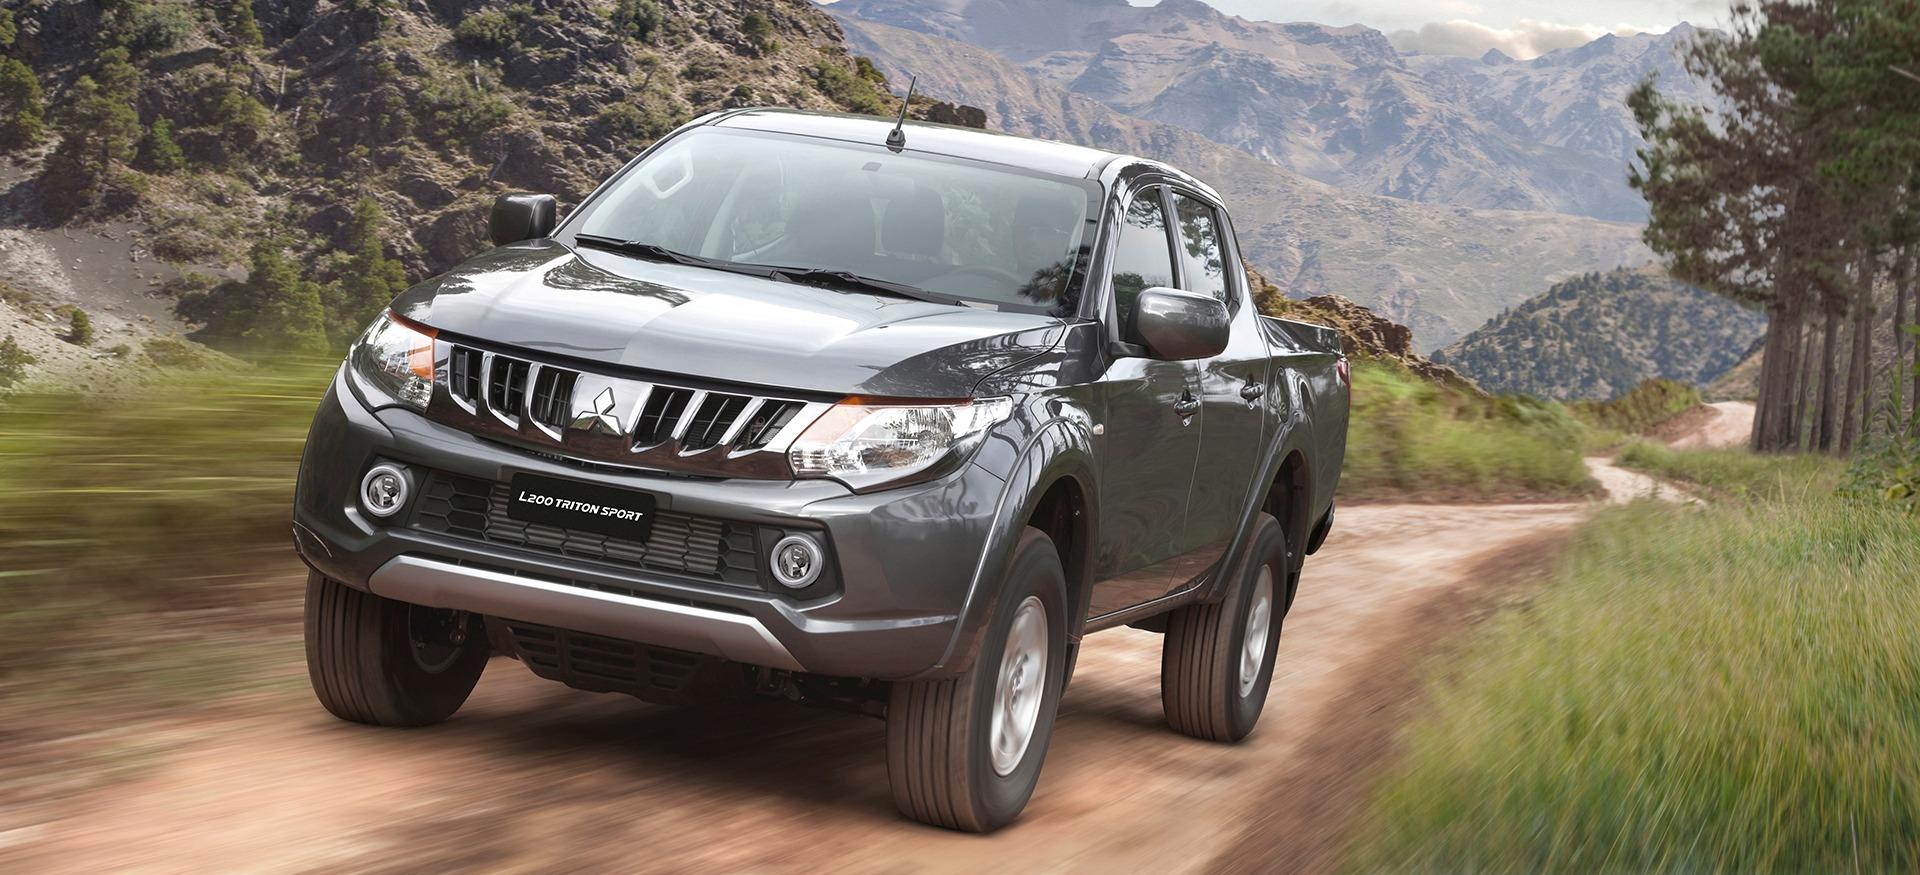 Capacidade de carga:: Mitsubishi L200 Triton Sport carrega 1.055 kg